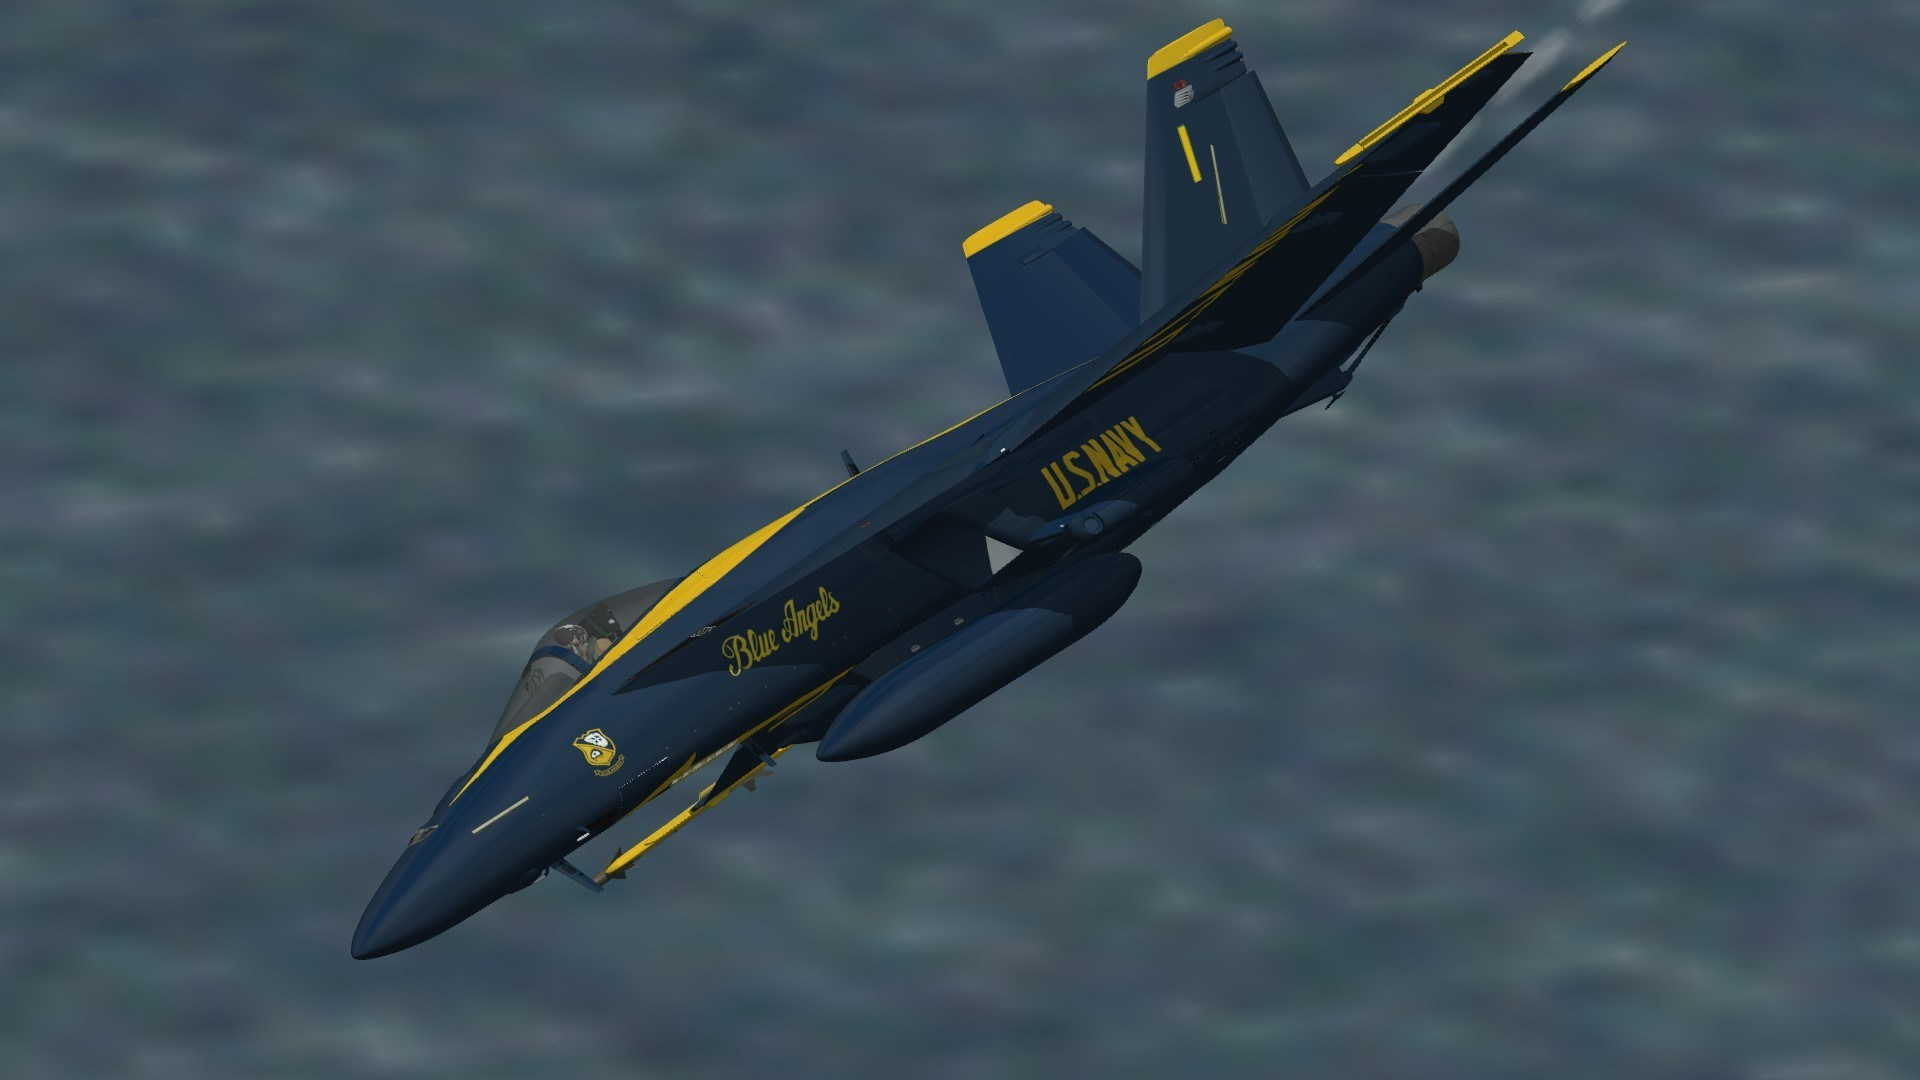 F/A-18E What If Blue Angels Skin